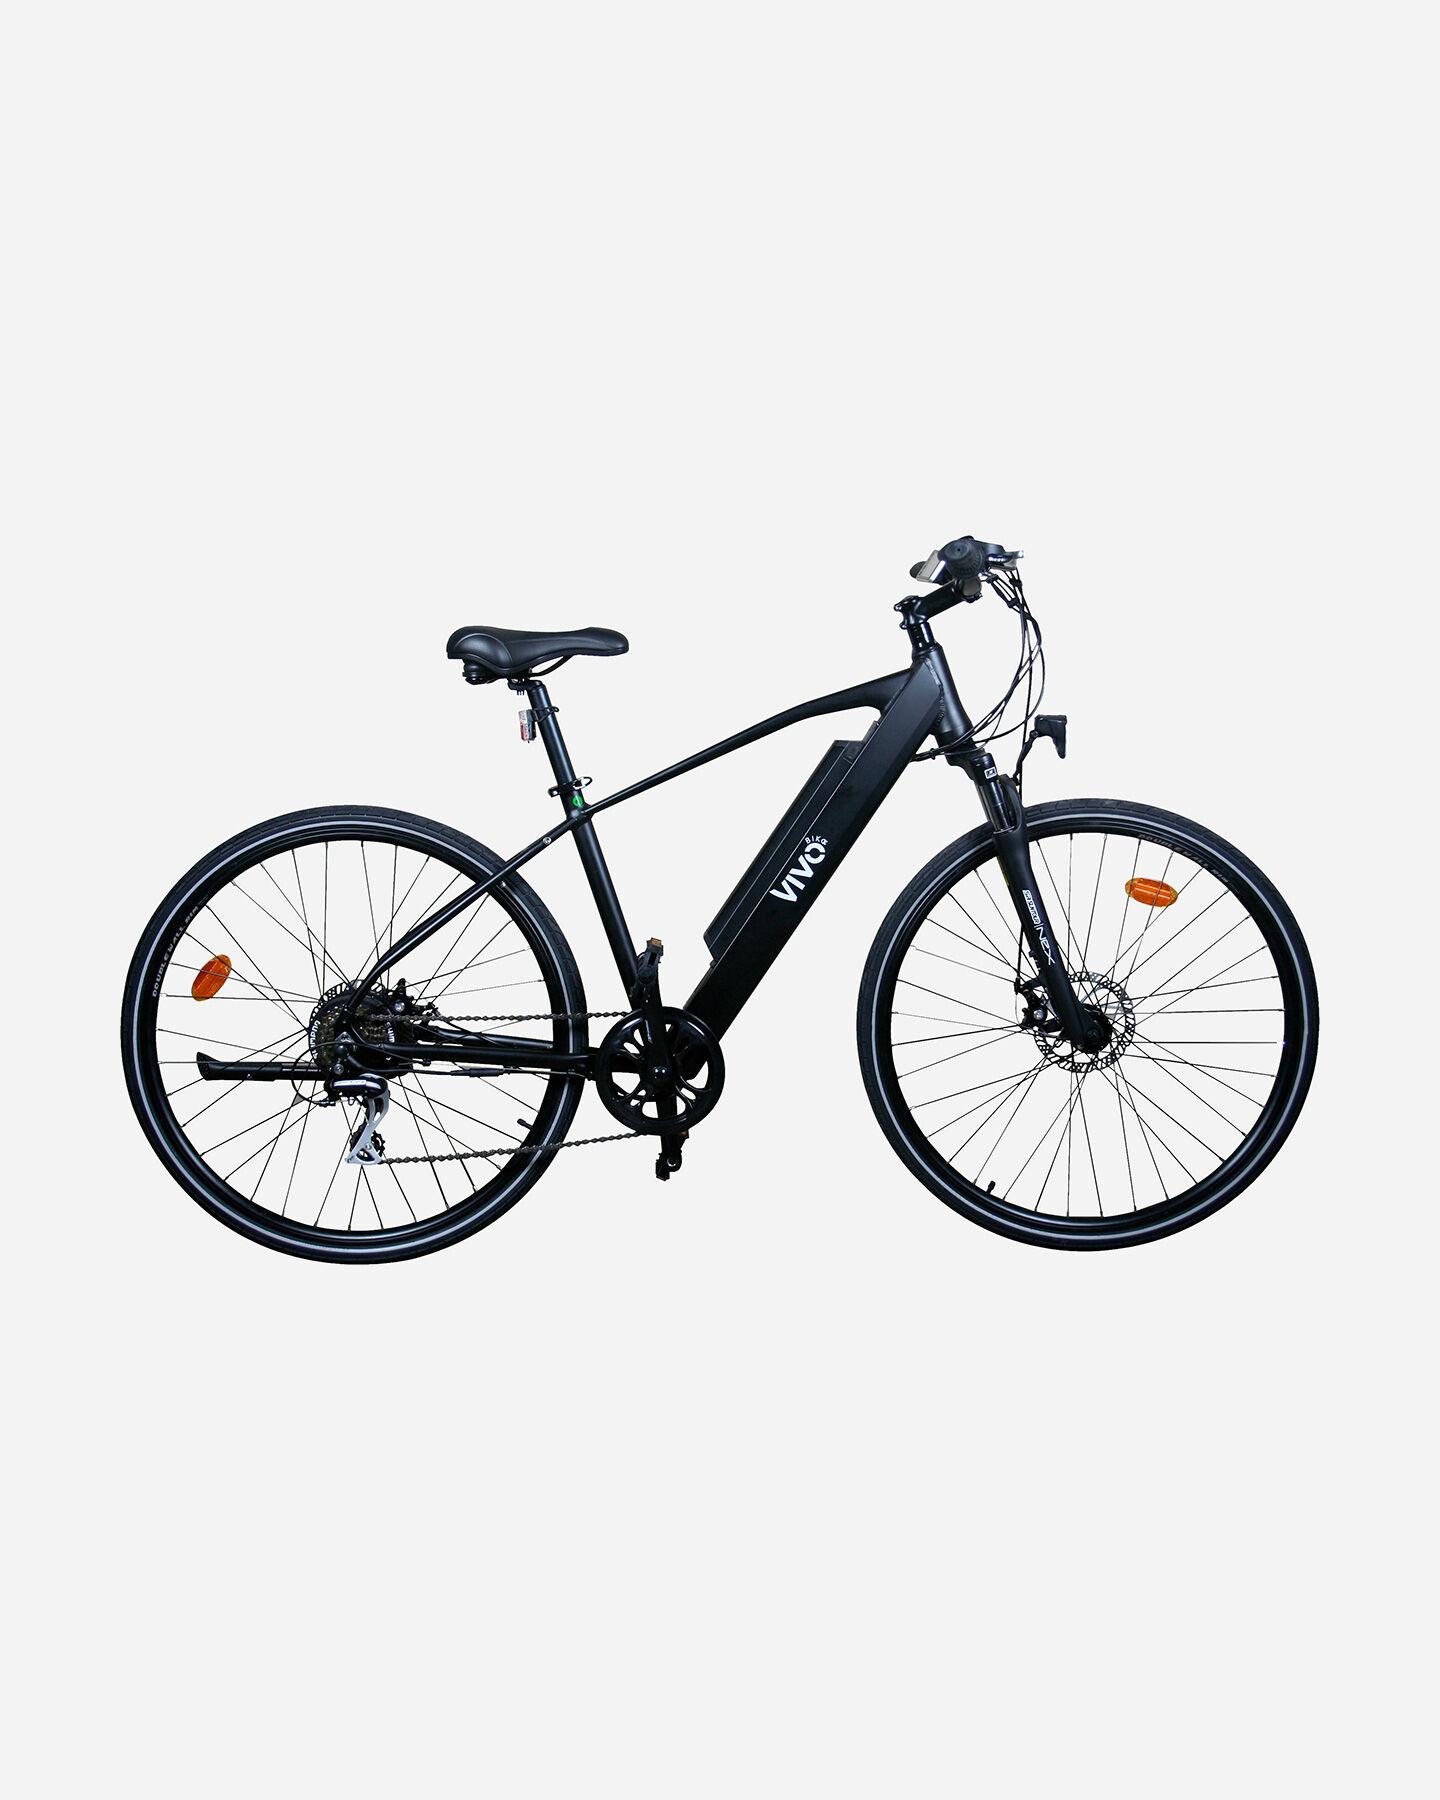 Bici elettrica VIVOBIKE E-BIKE VC28H S4084398 1 UNI scatto 0